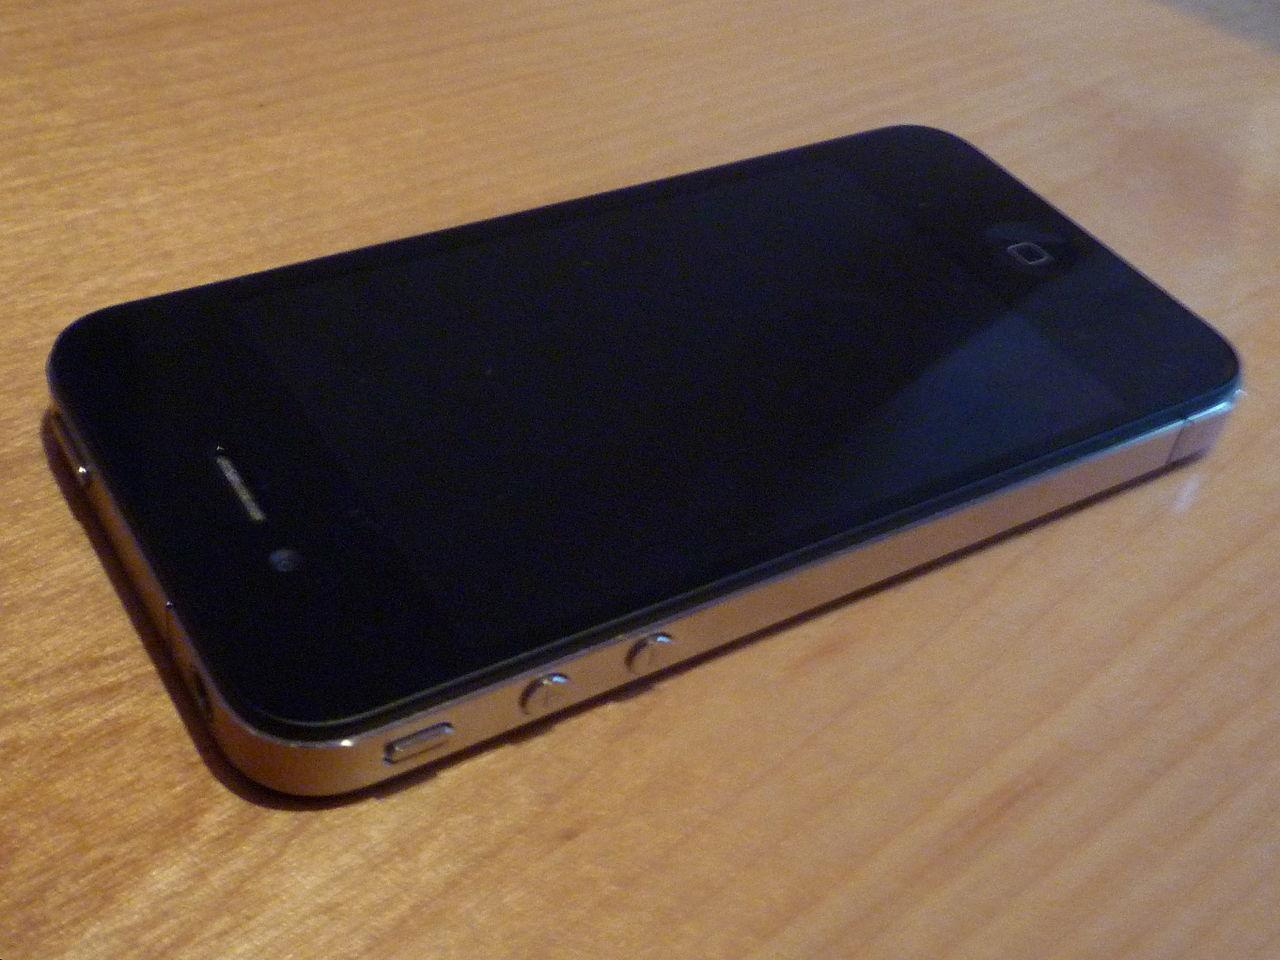 Iphone 4 Black Used Used Black iPhone 4 16...